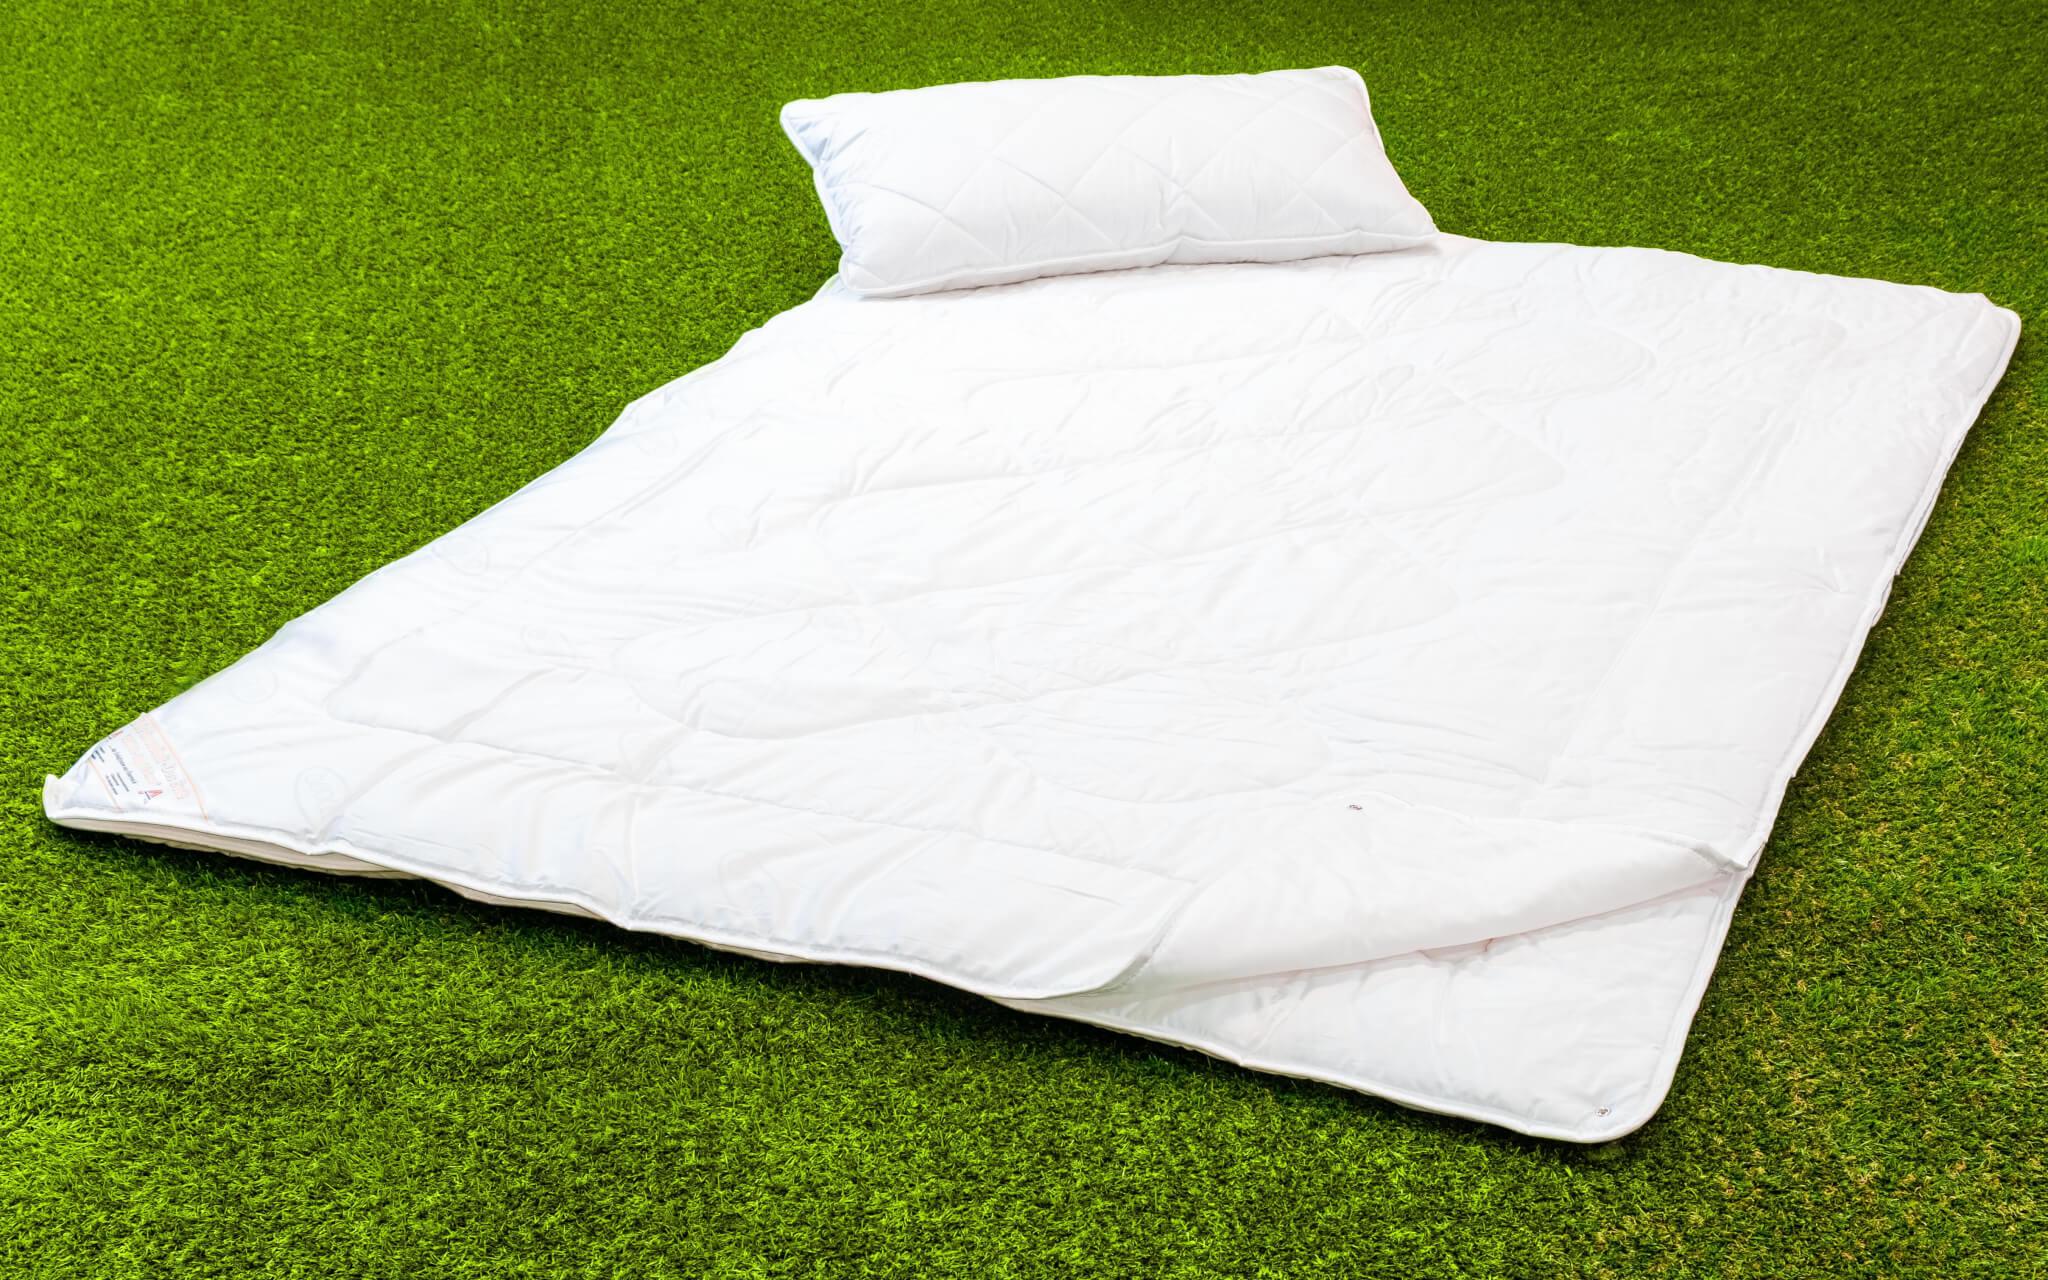 vier jahreszeiten decke neusiedlersee camping sleep by kuttin. Black Bedroom Furniture Sets. Home Design Ideas